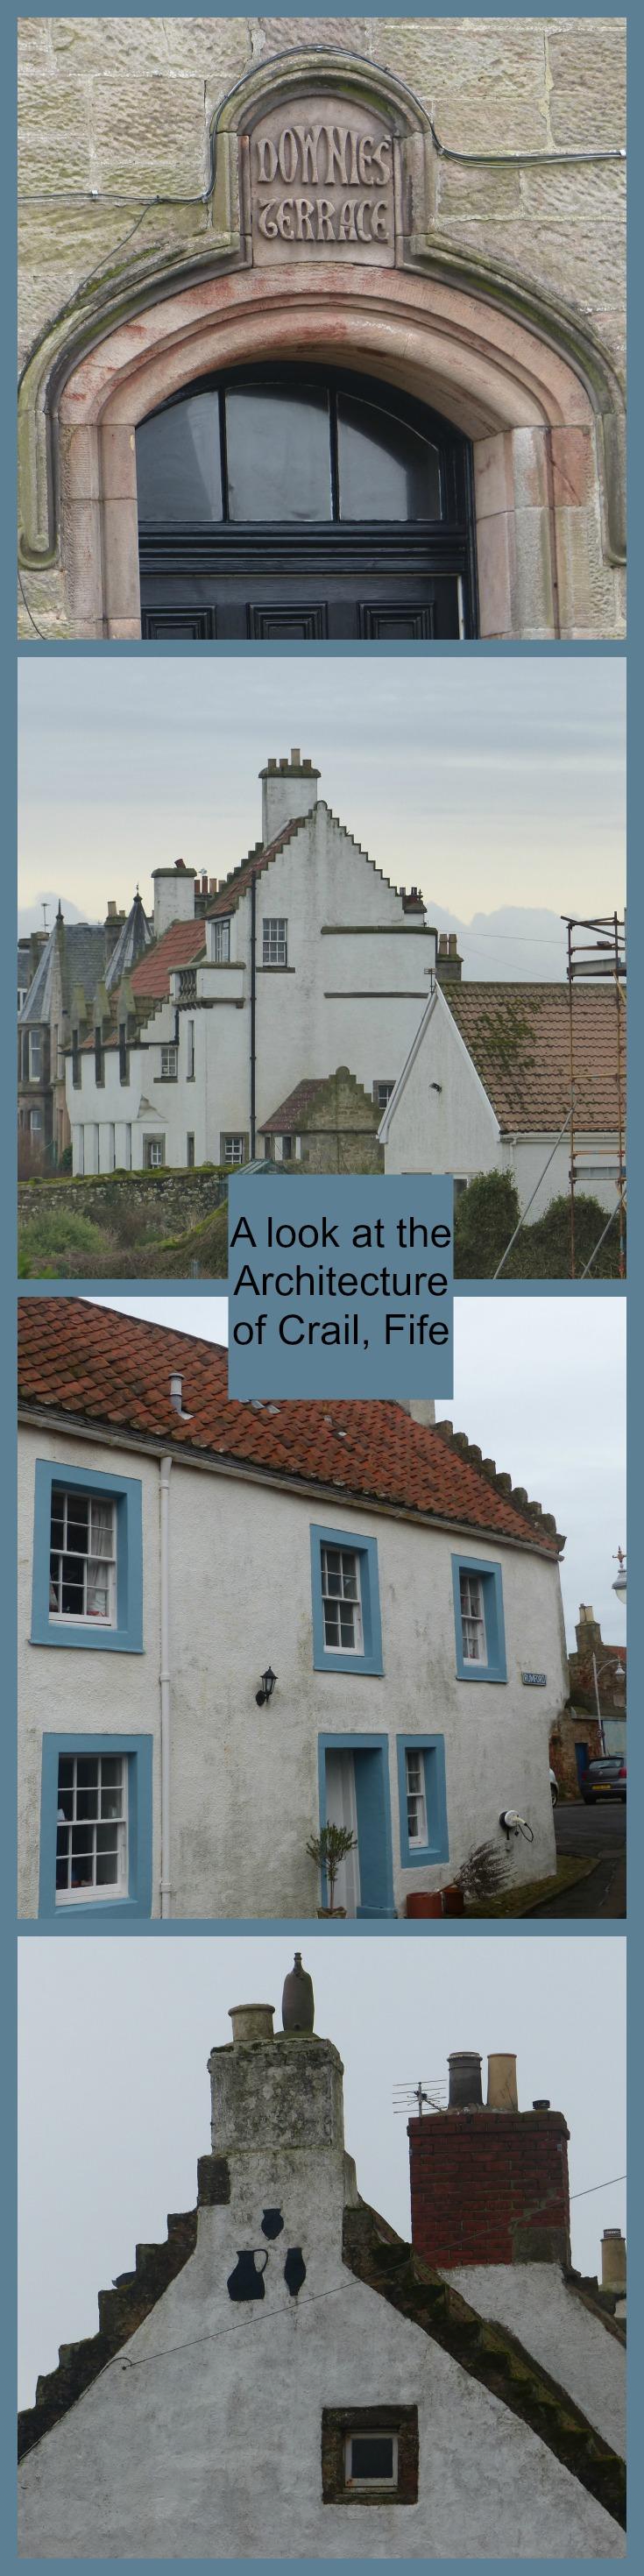 Architecture Nethergate